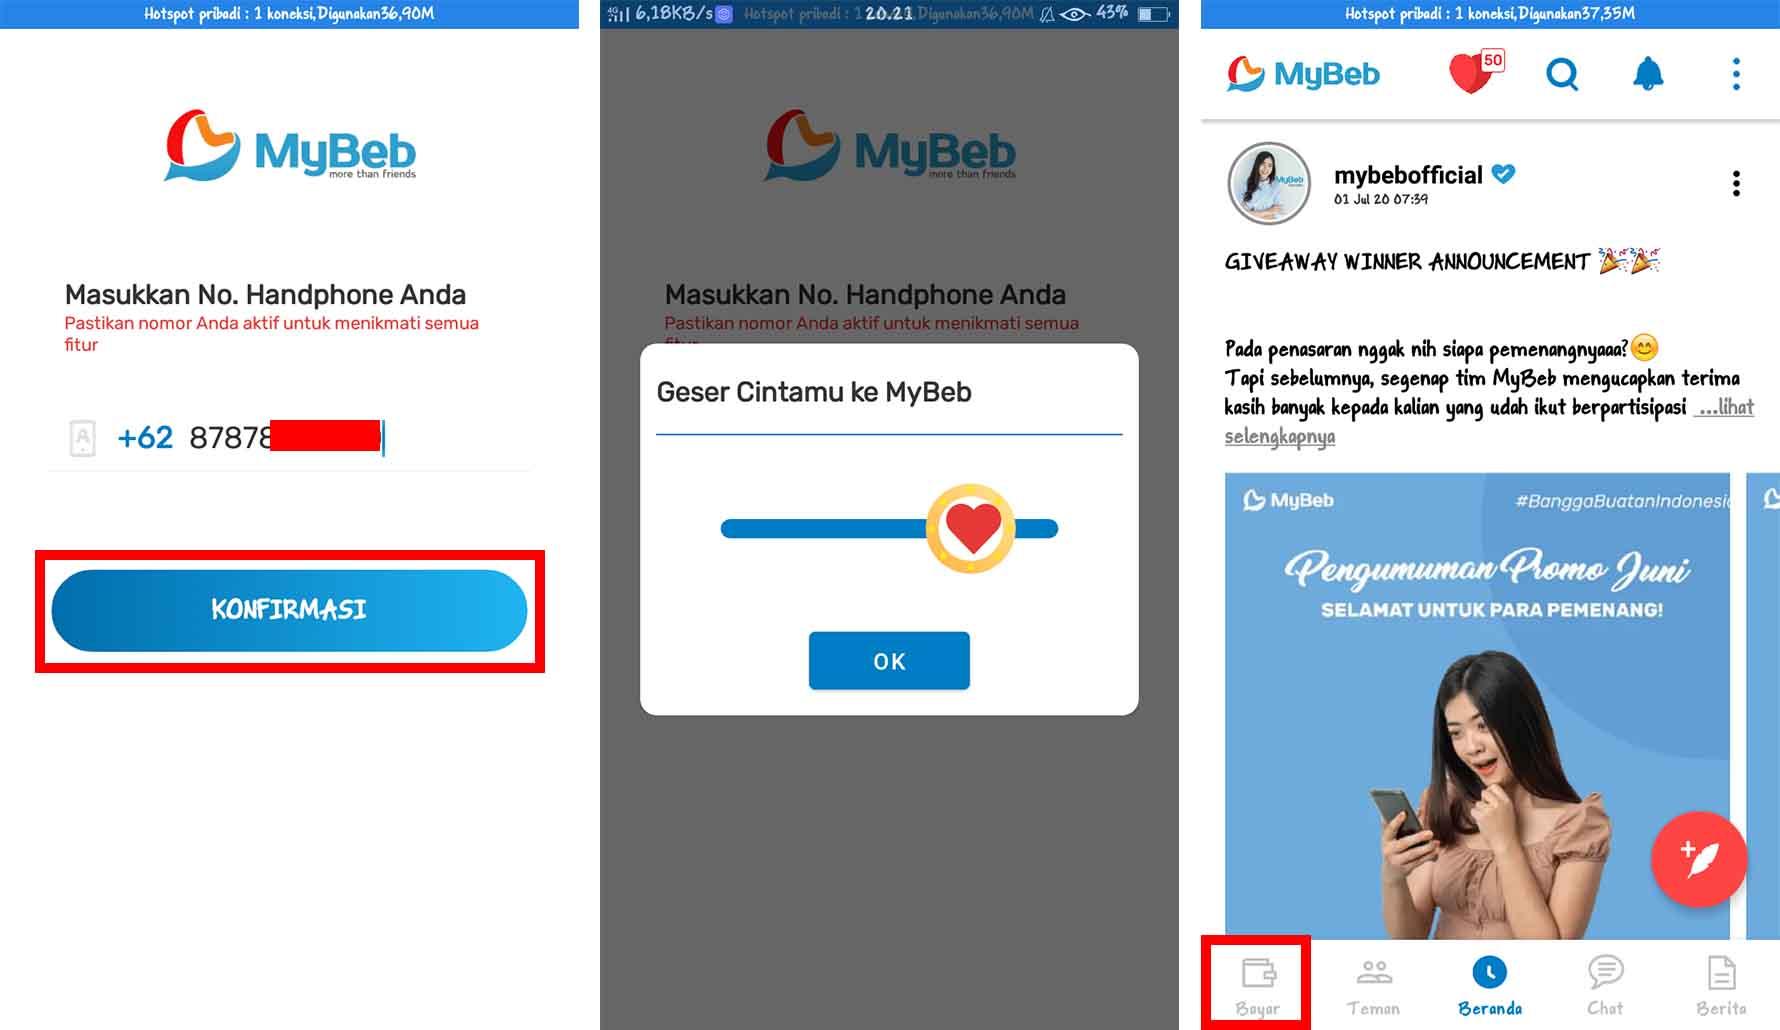 Cara Mendapatkan Saldo OVO Gratis Menggunakan MyBeb